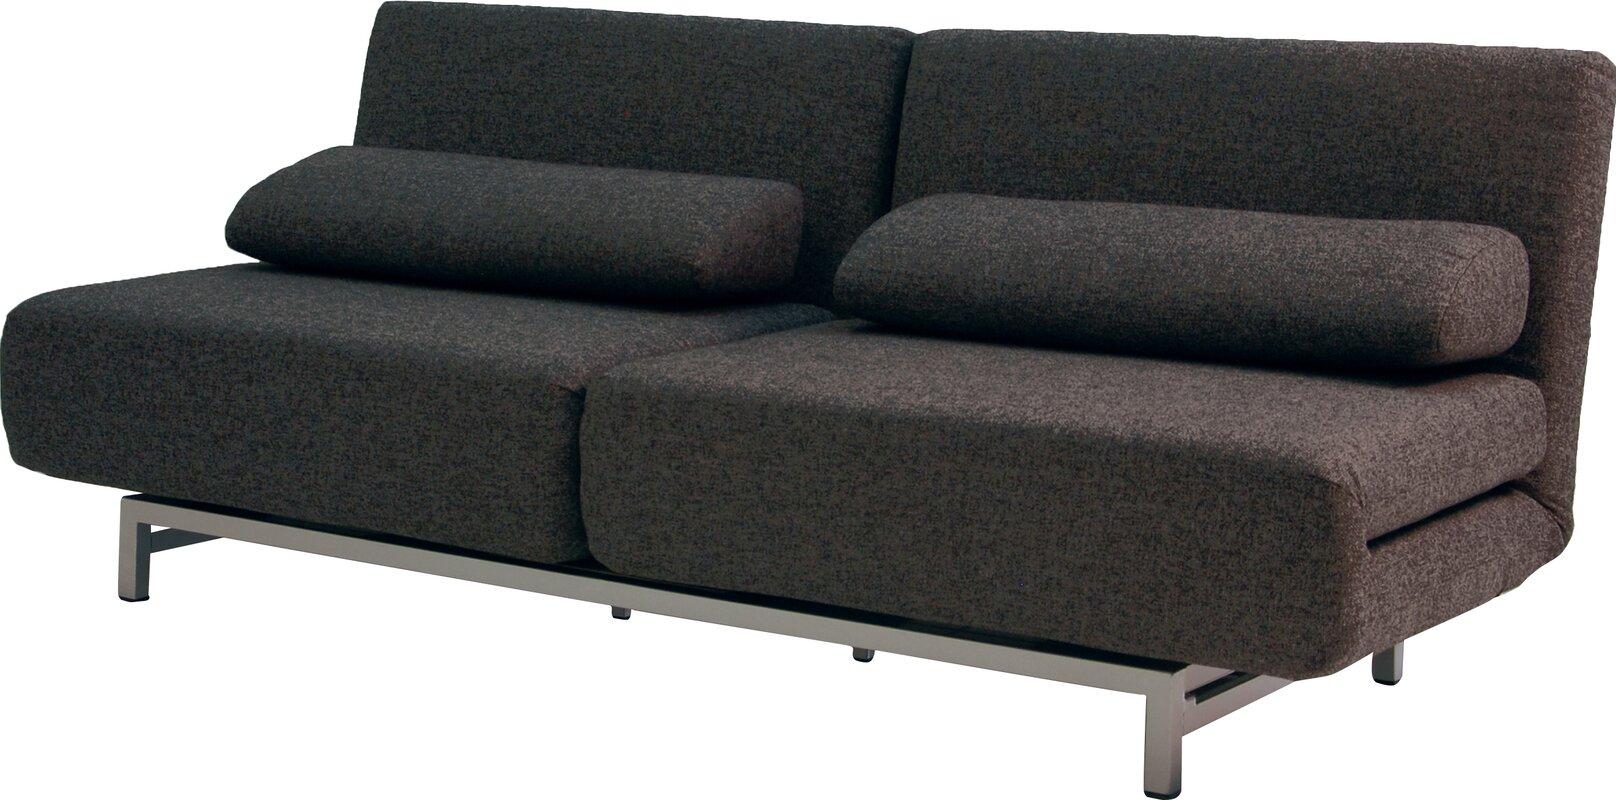 Iso Convertible Sofa